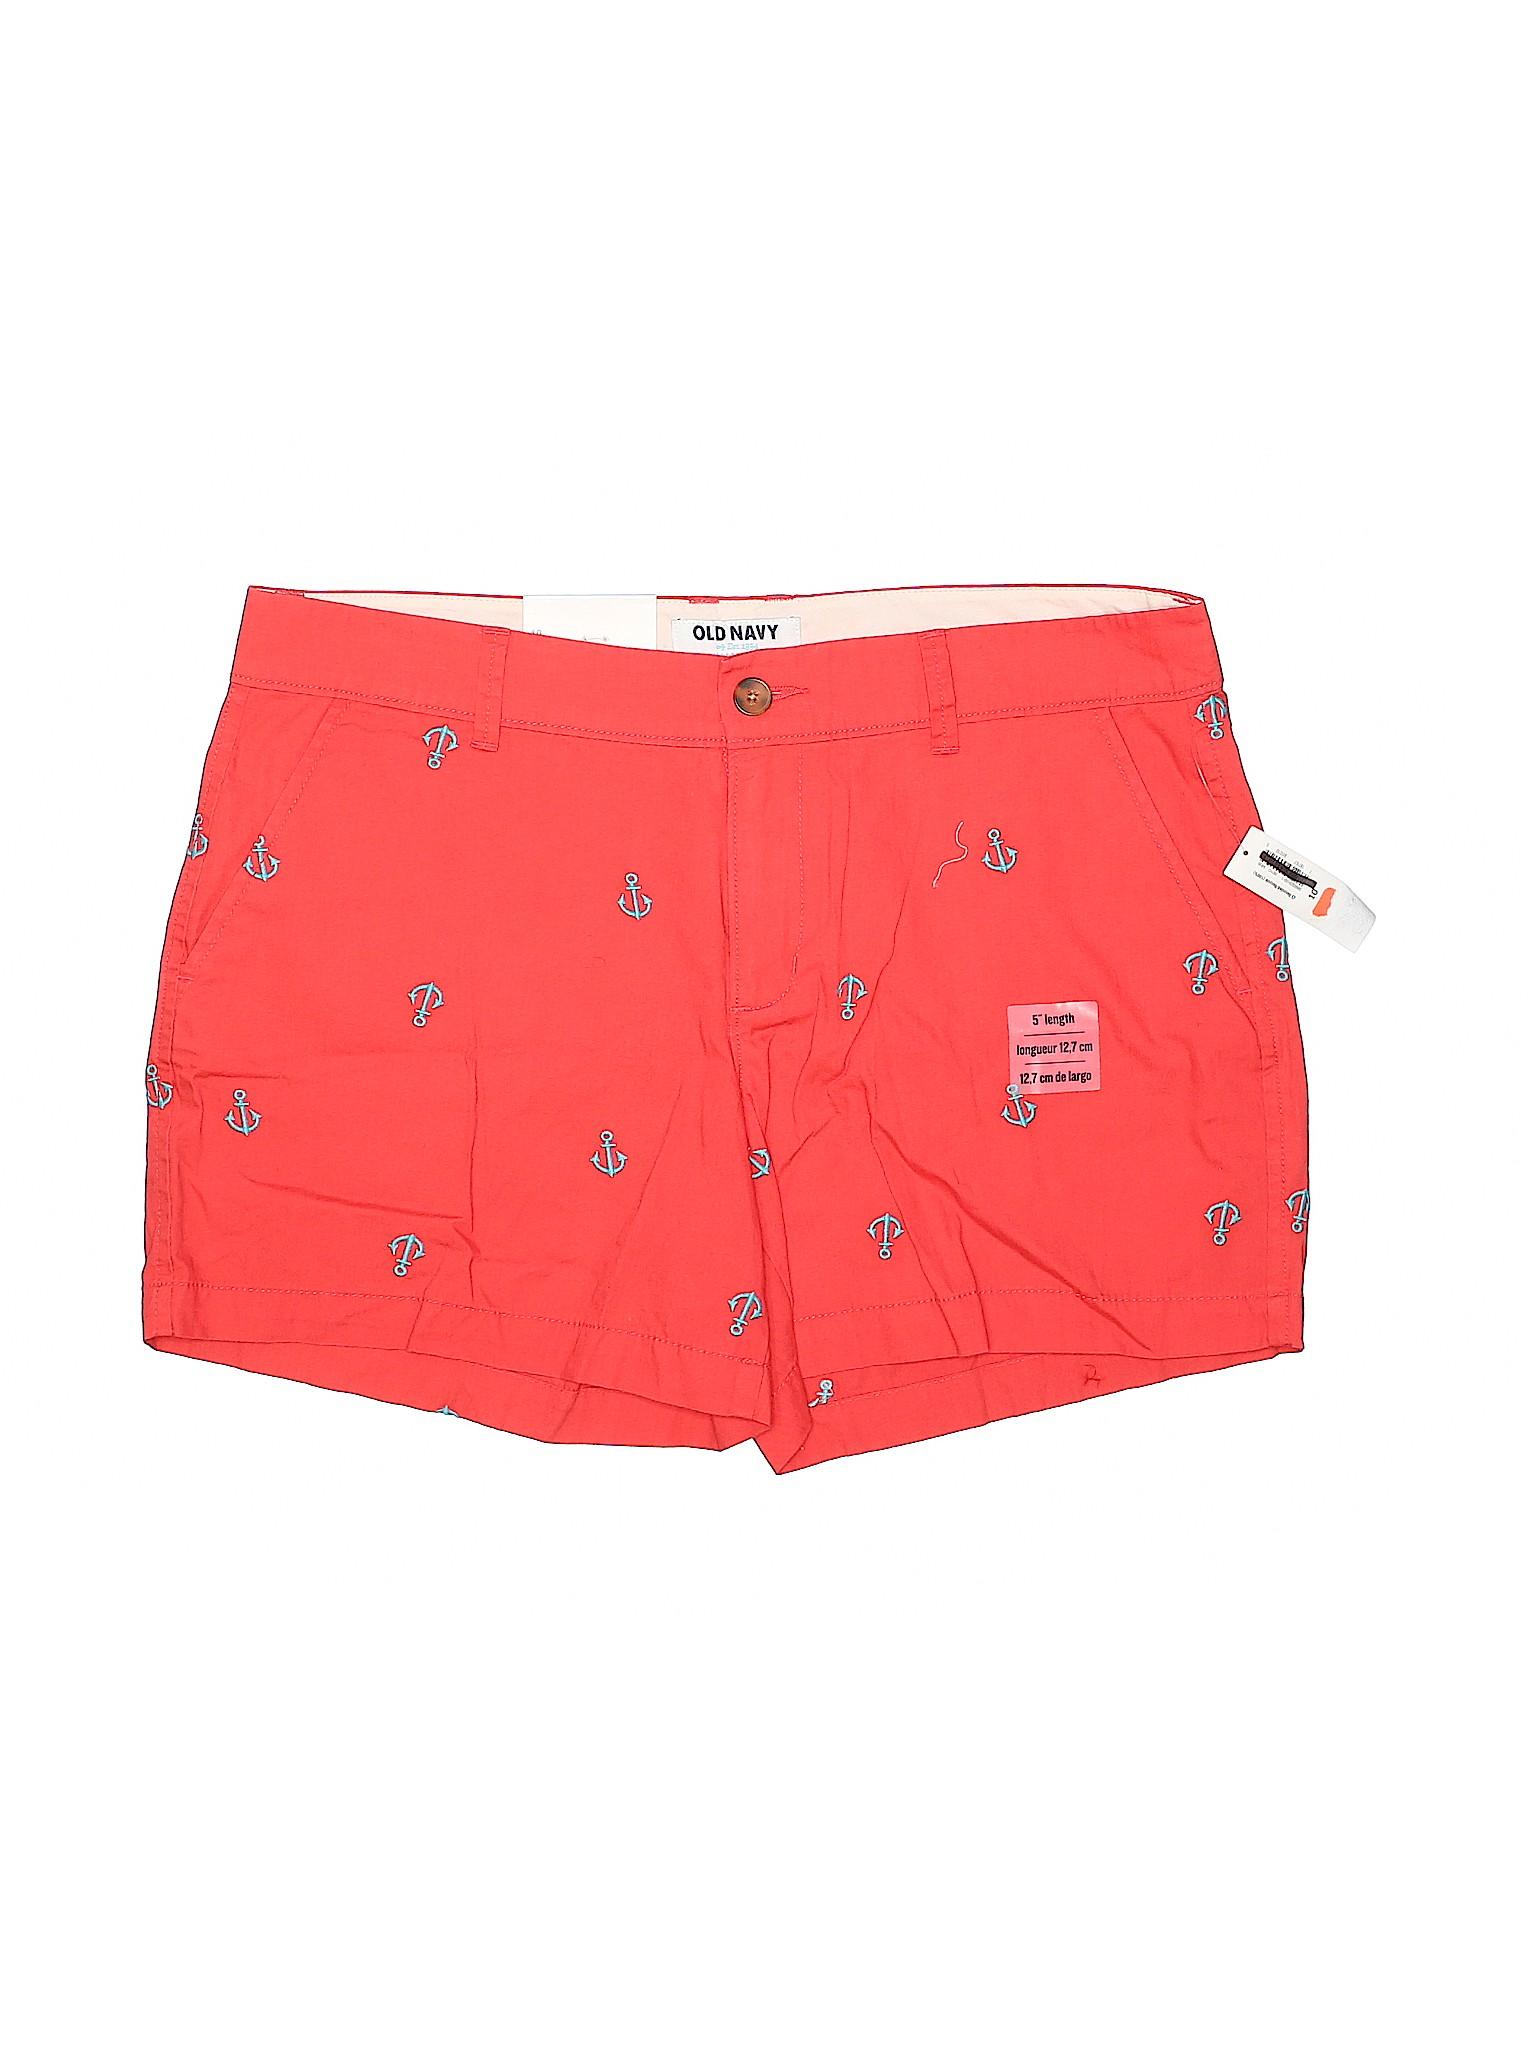 Navy Shorts winter Khaki Leisure Old qxwnE88YId